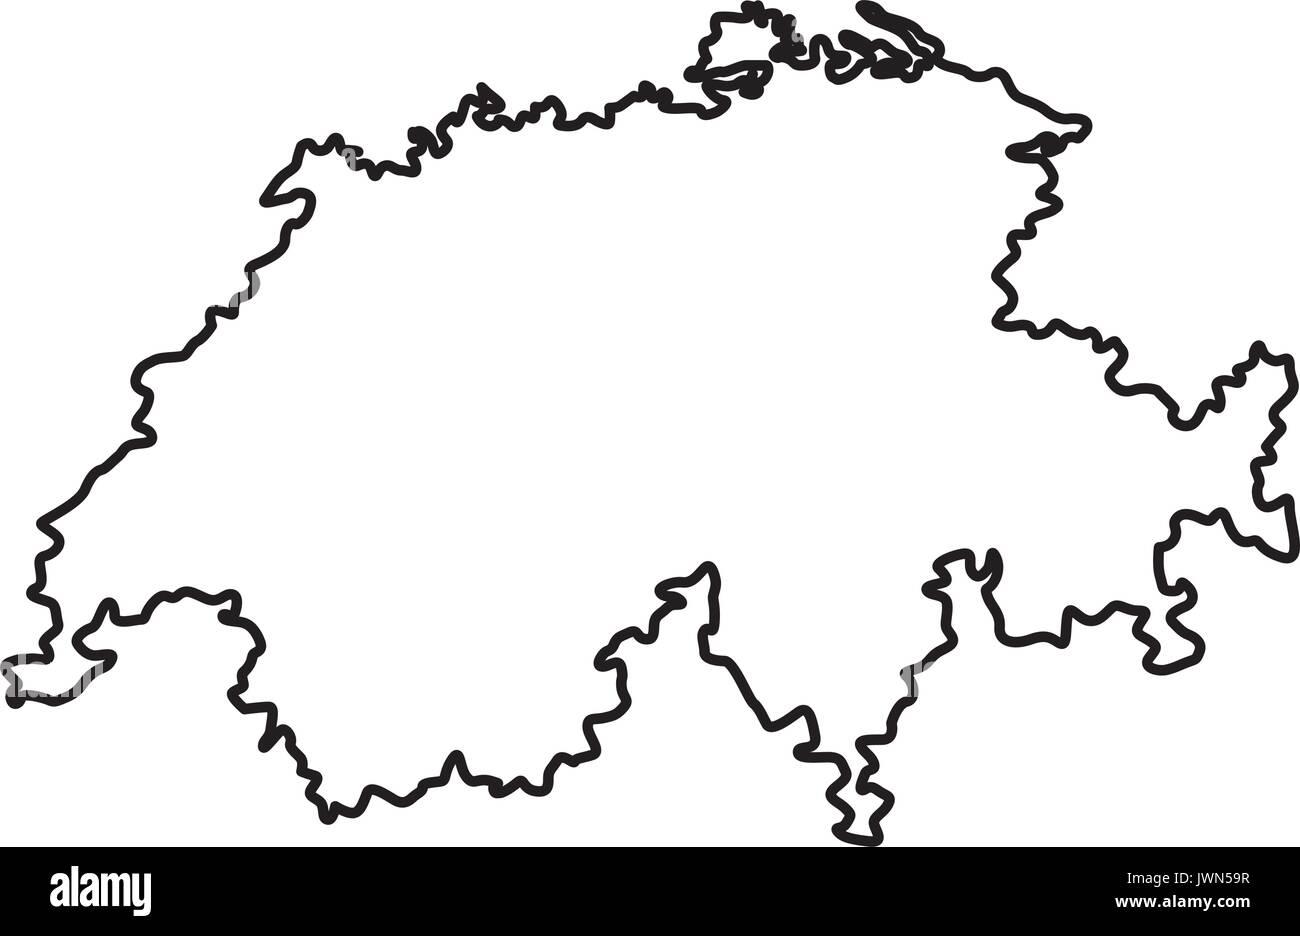 La Svizzera Cartina.Cartina Della Svizzera Geografia Paese Nazione Europa Immagine E Vettoriale Alamy